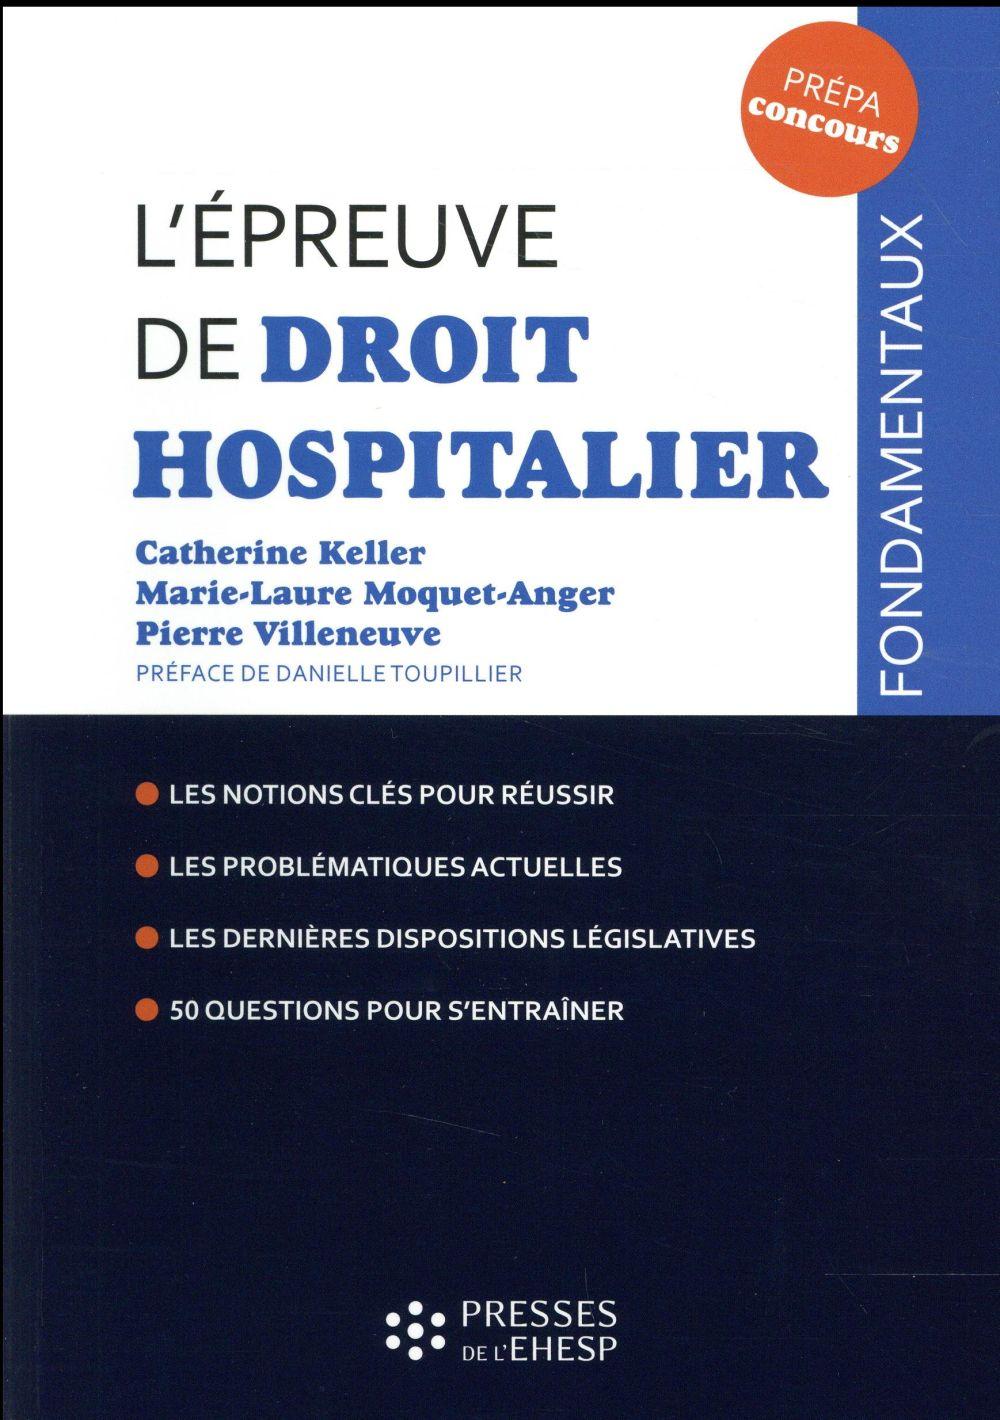 L EPREUVE DE DROIT HOSPITALIER